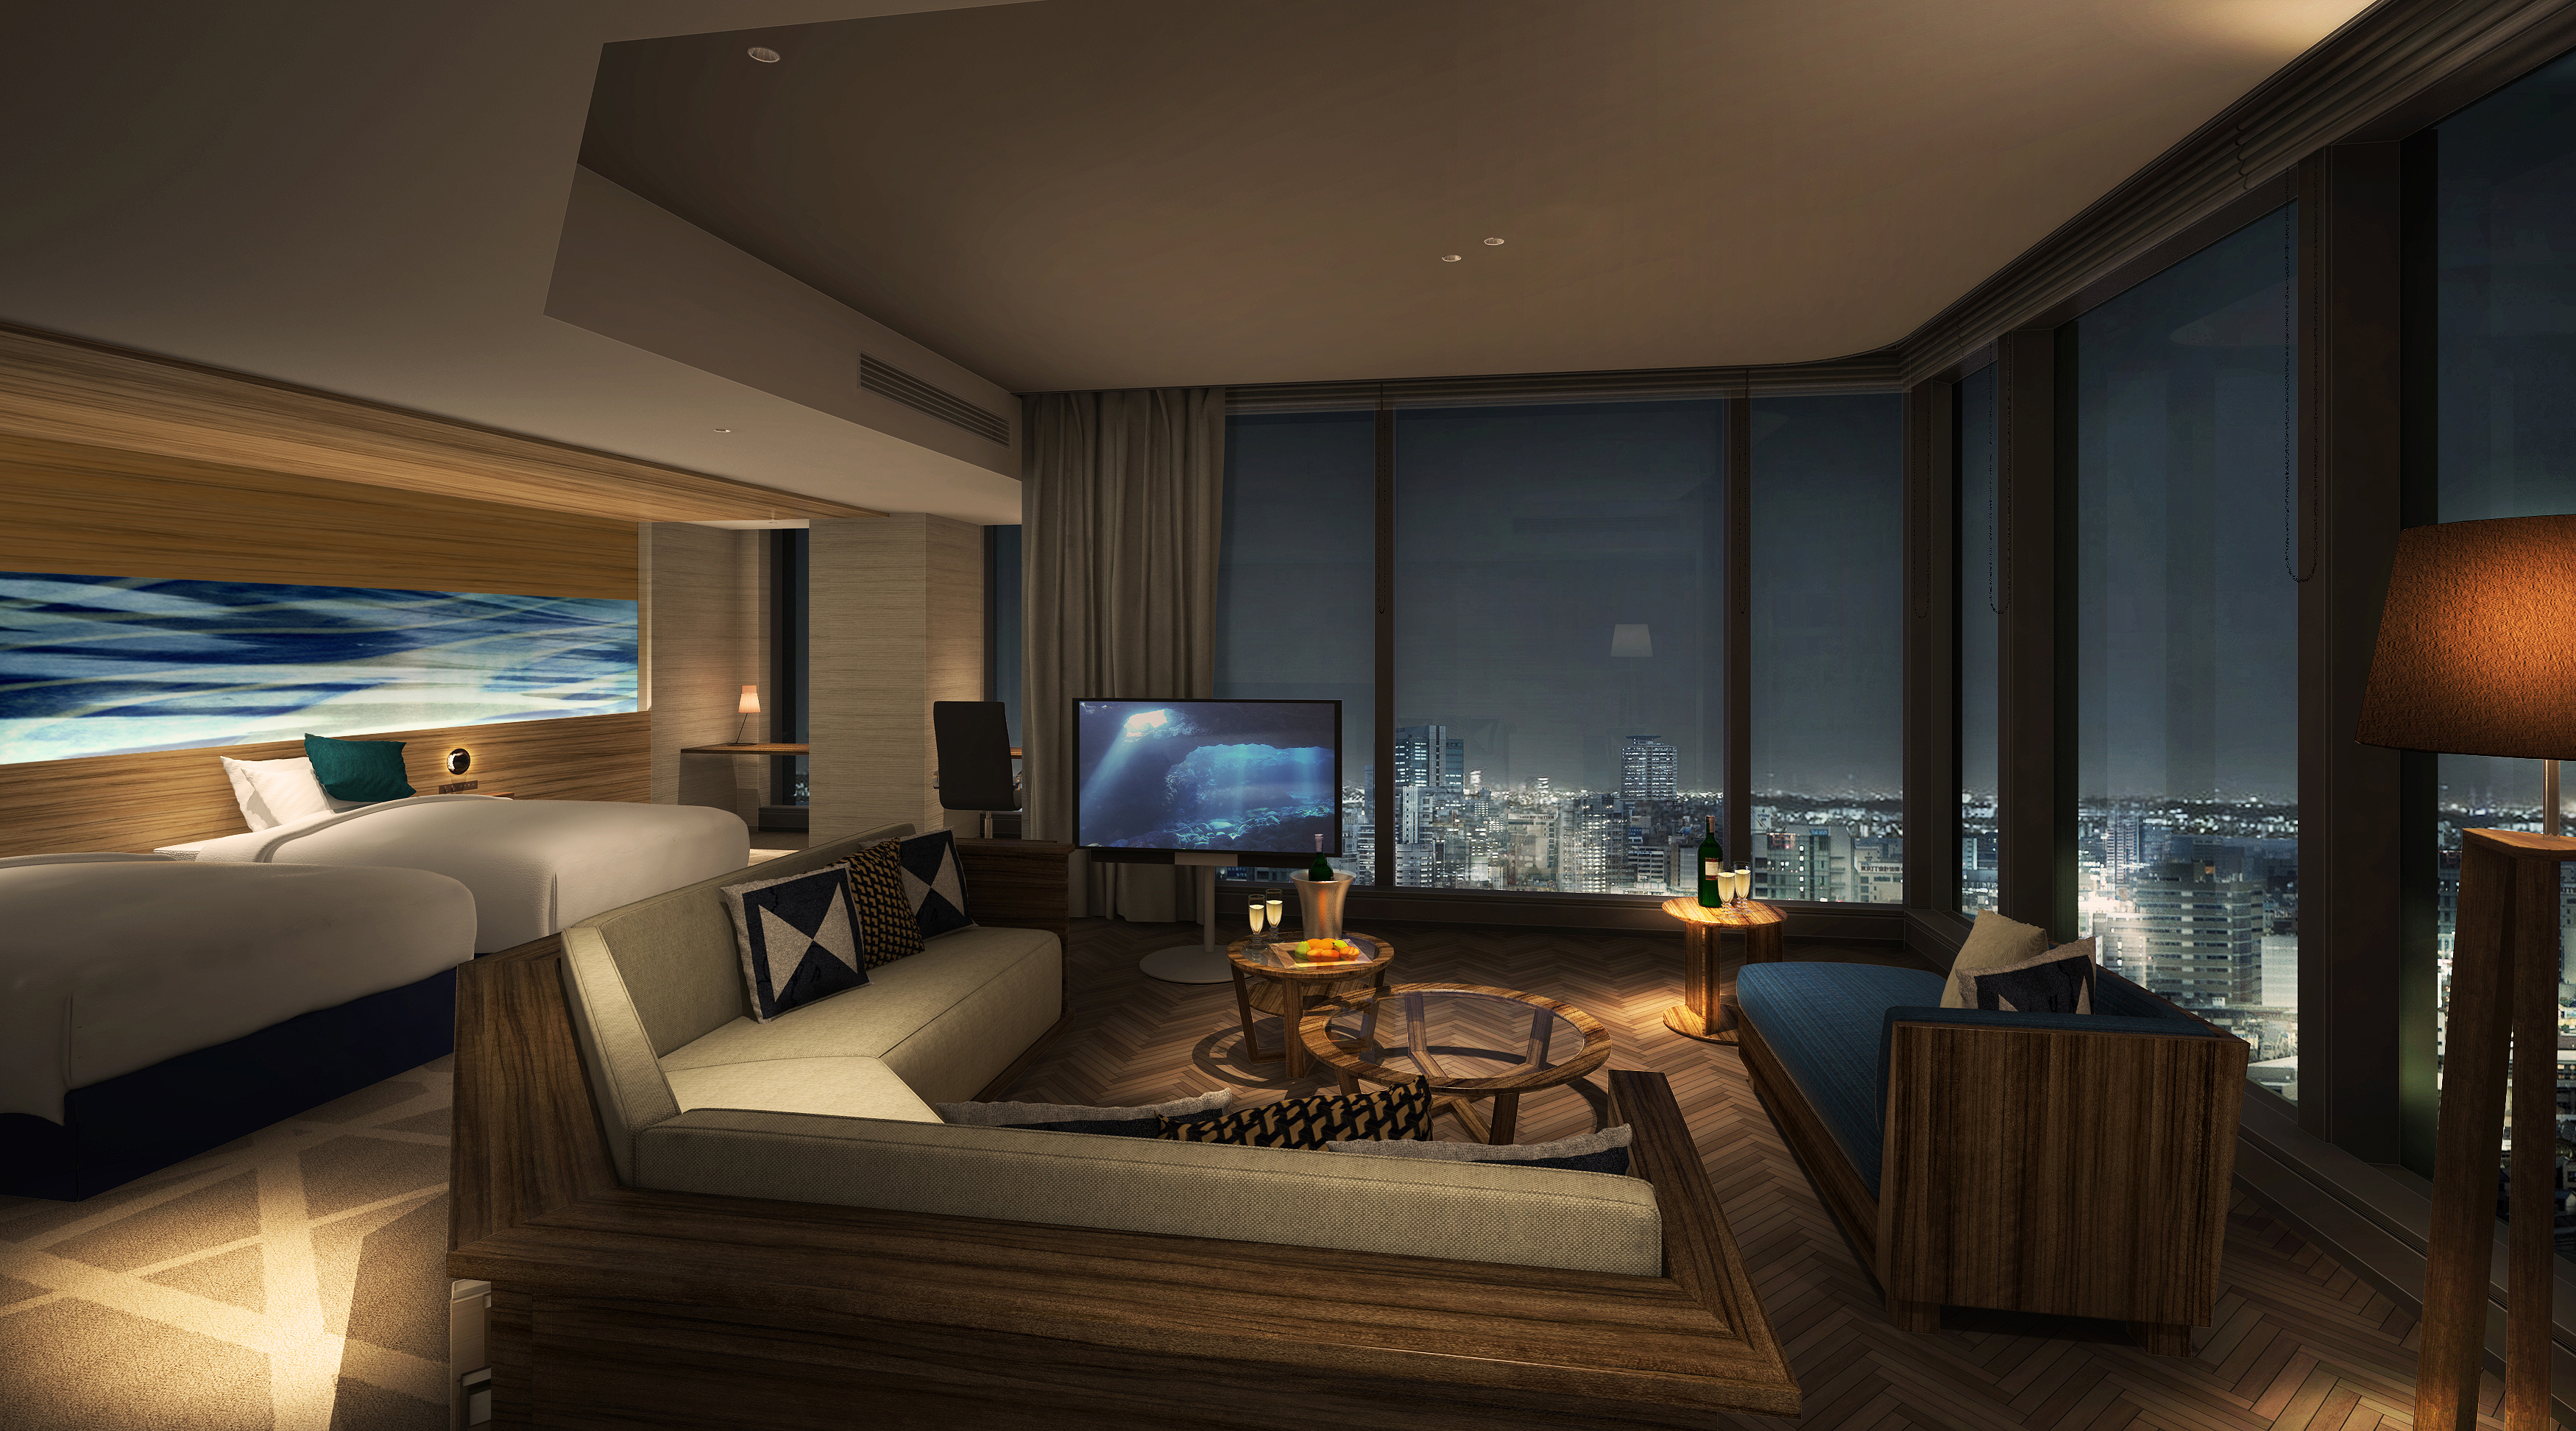 Qatar Luxury Hotels